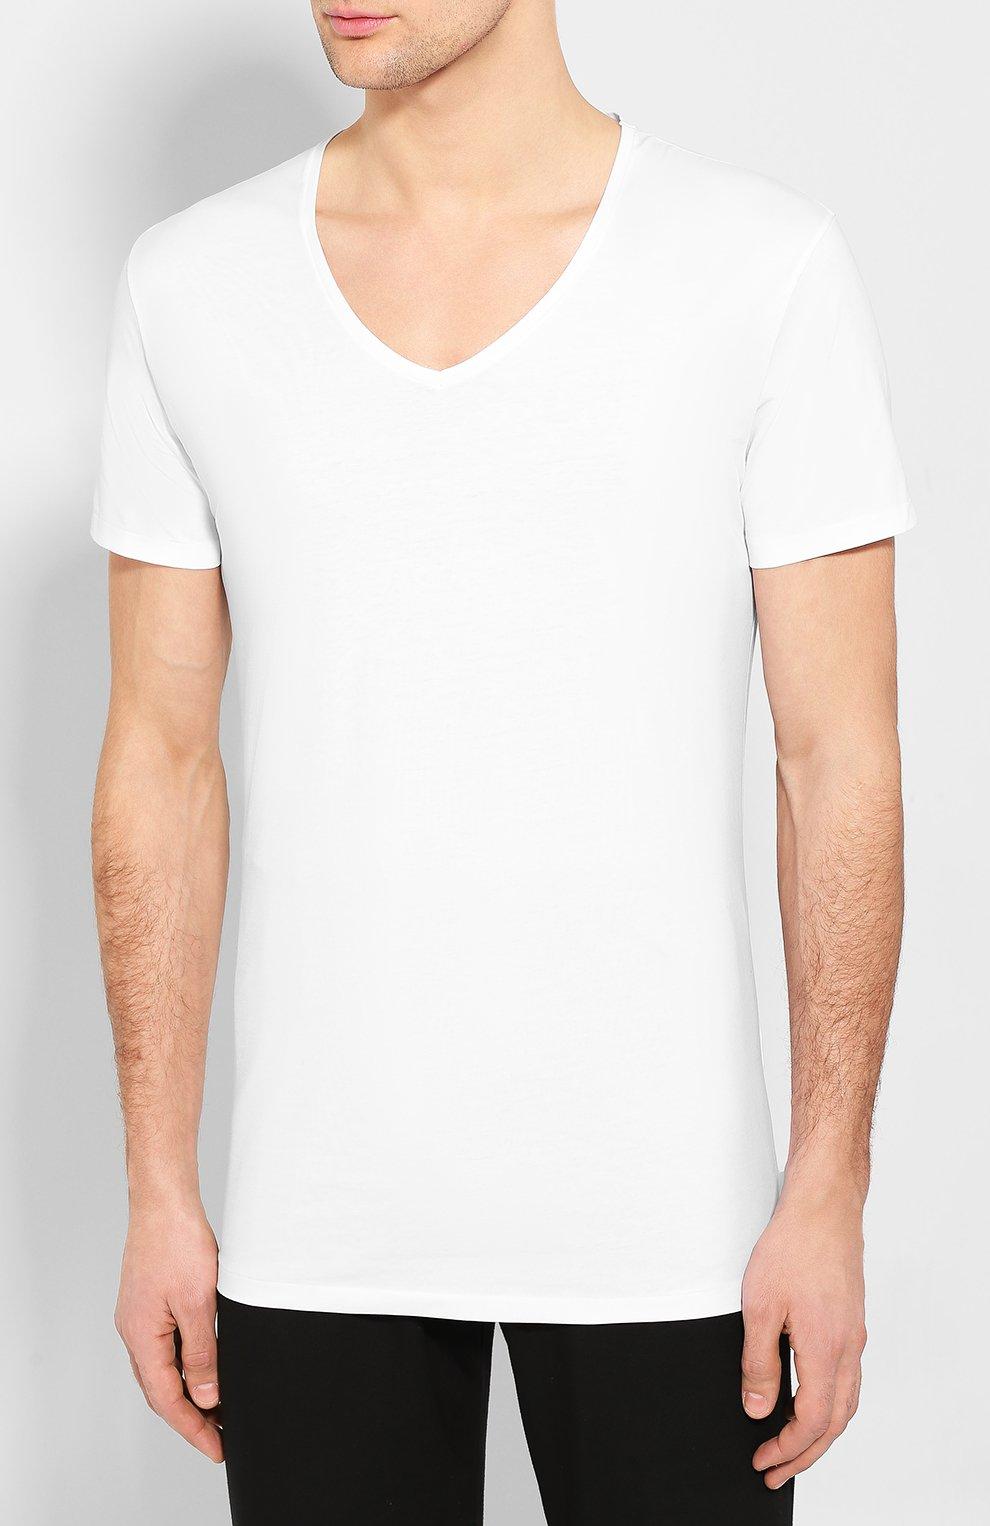 Мужская хлопковая футболка с v-образным вырезом DEREK ROSE белого цвета, арт. 8025-JACK001   Фото 3 (Кросс-КТ: домашняя одежда; Рукава: Короткие; Длина (для топов): Стандартные; Материал внешний: Хлопок; Мужское Кросс-КТ: Футболка-белье)